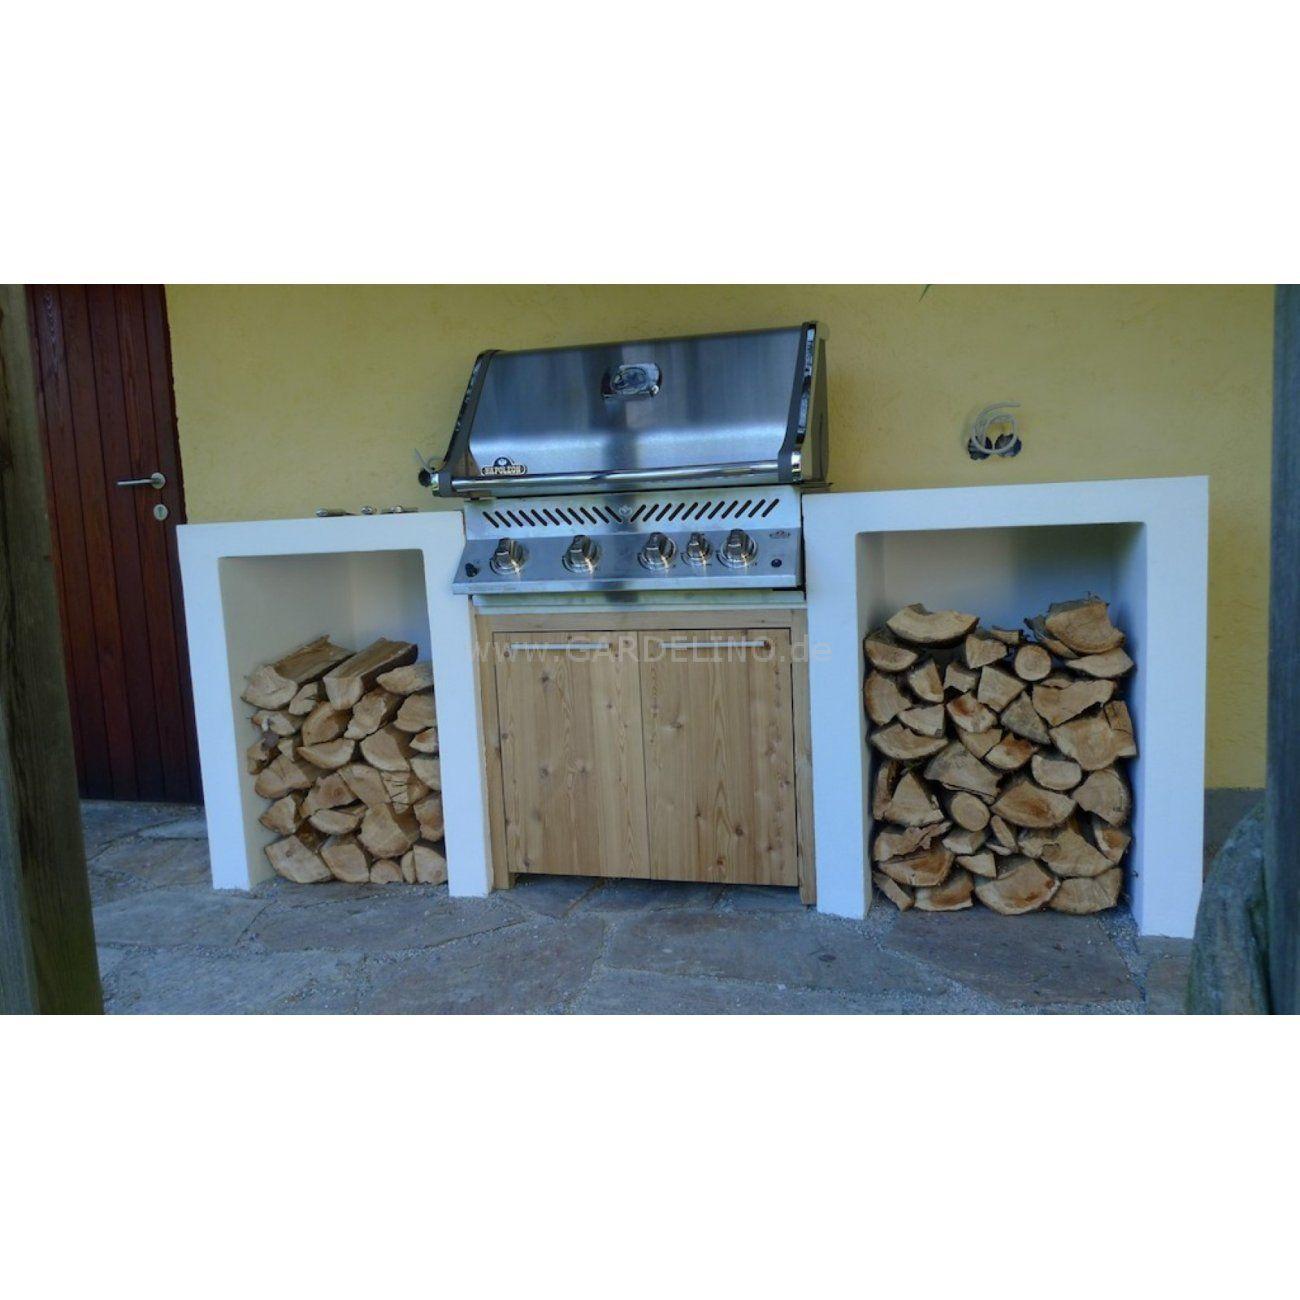 Grillstation aus Stein und Holz mit Napoleon Grill // Easy grill ...